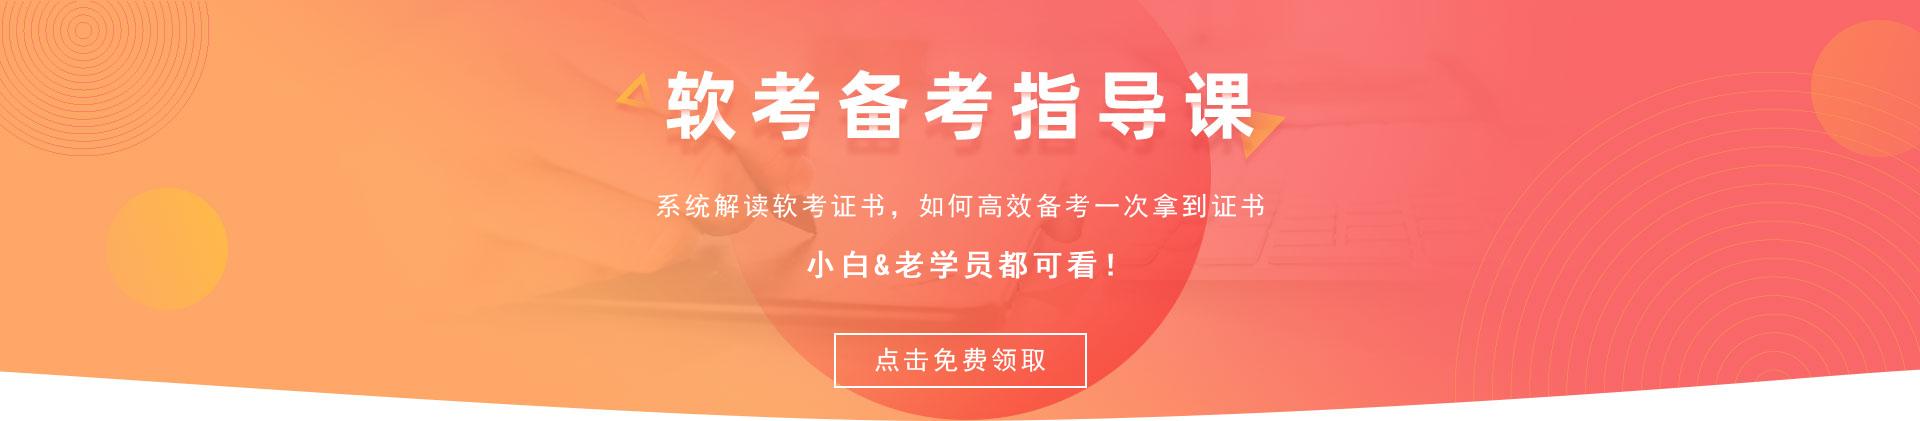 天津软考培训机构